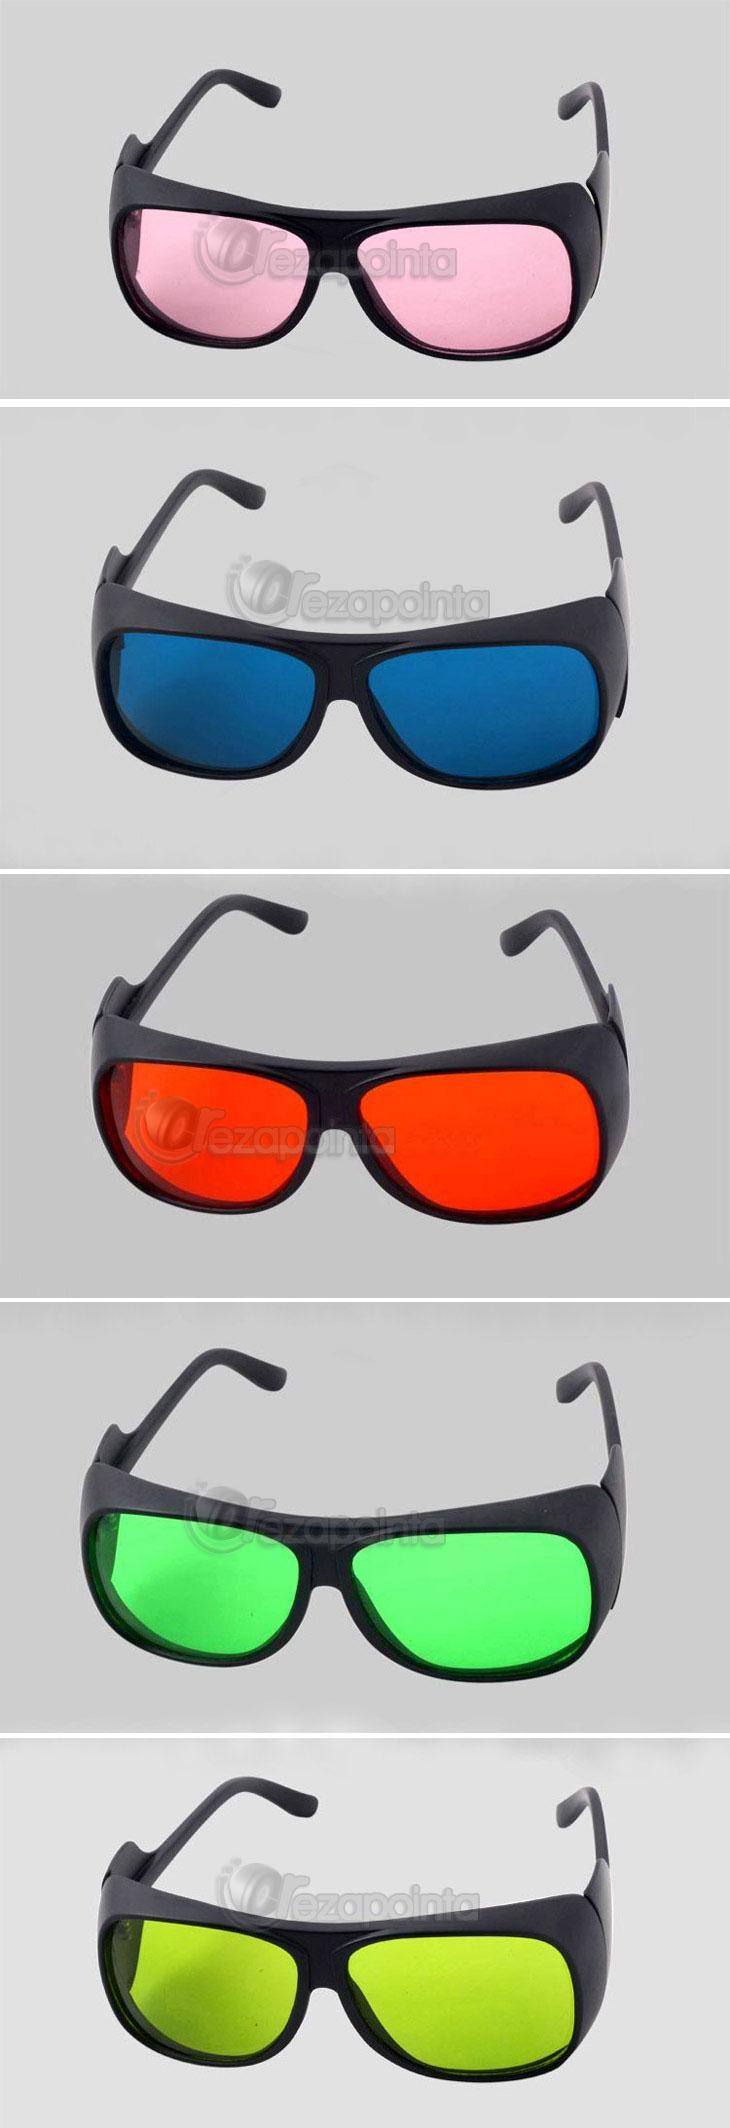 レーザー対応保護メガネ